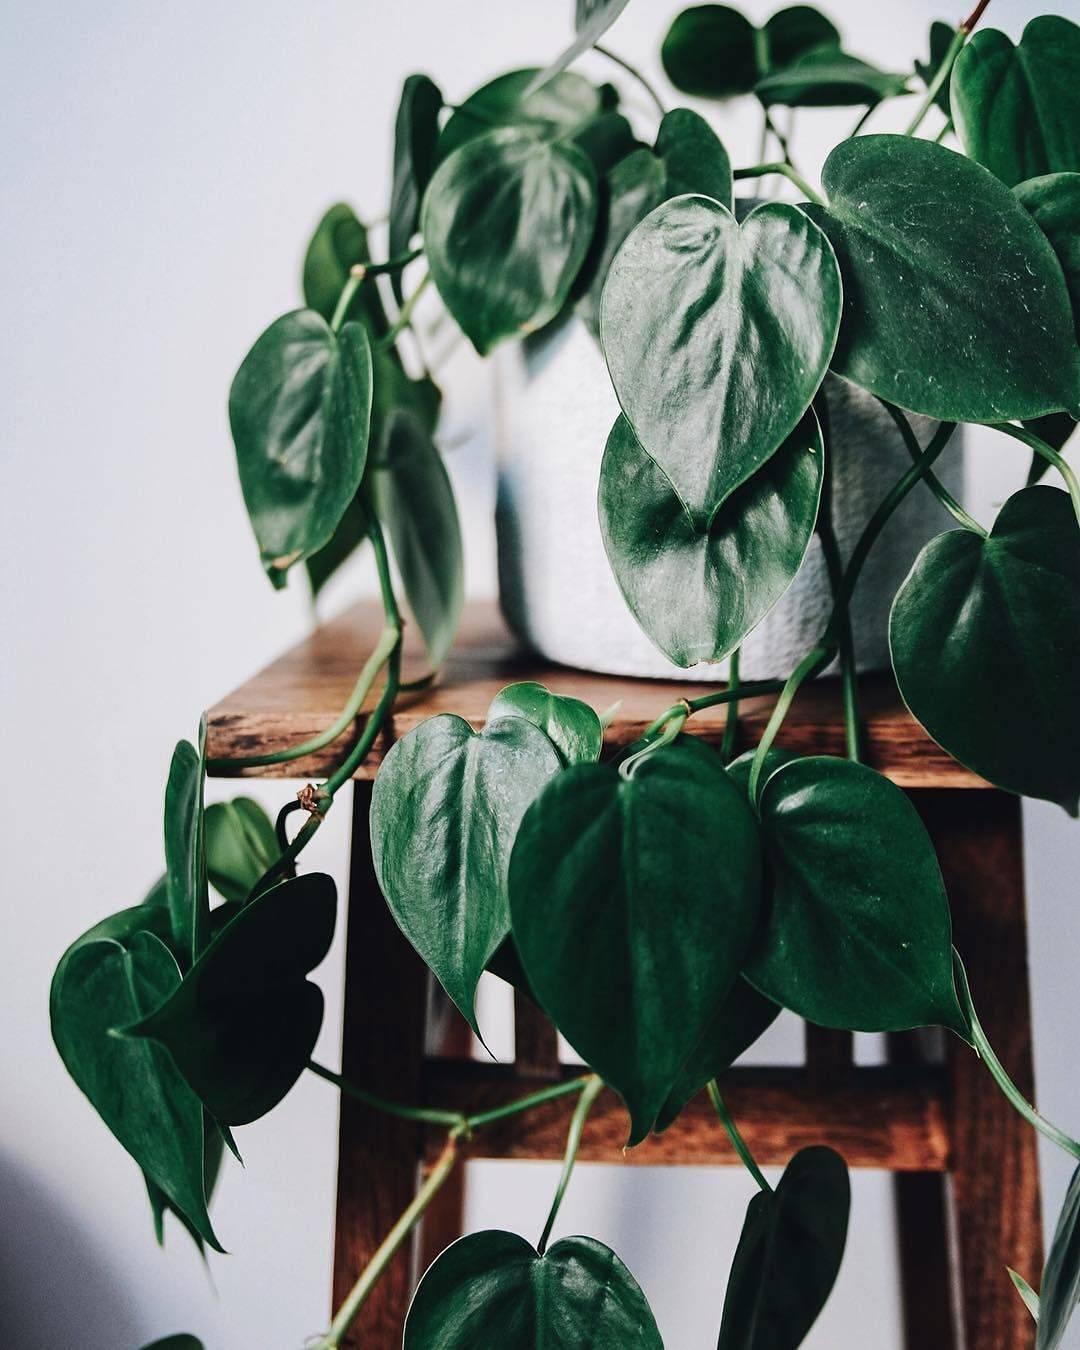 Филодендрон (57 фото): уход за комнатным цветком в домашних условиях и размножение, виды филодендрон лазящий и краснеющий, ксанаду и «атом», дольчатый и «медуза»